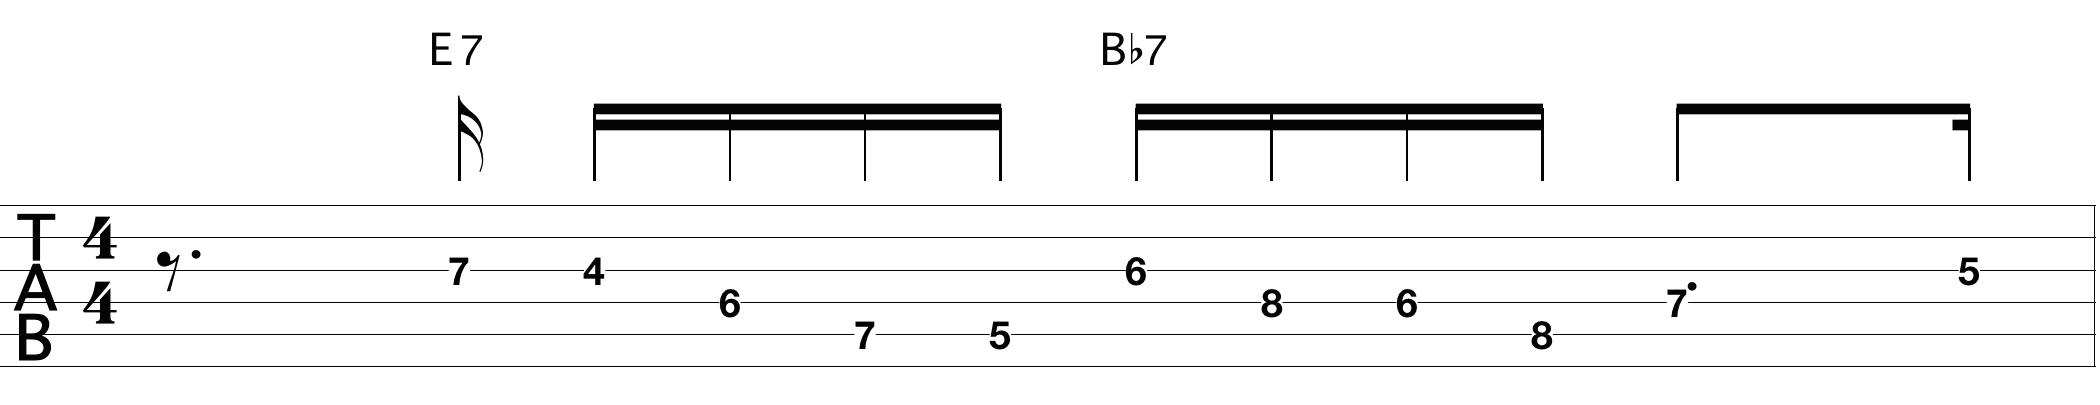 guitar-jazz-licks_1.png